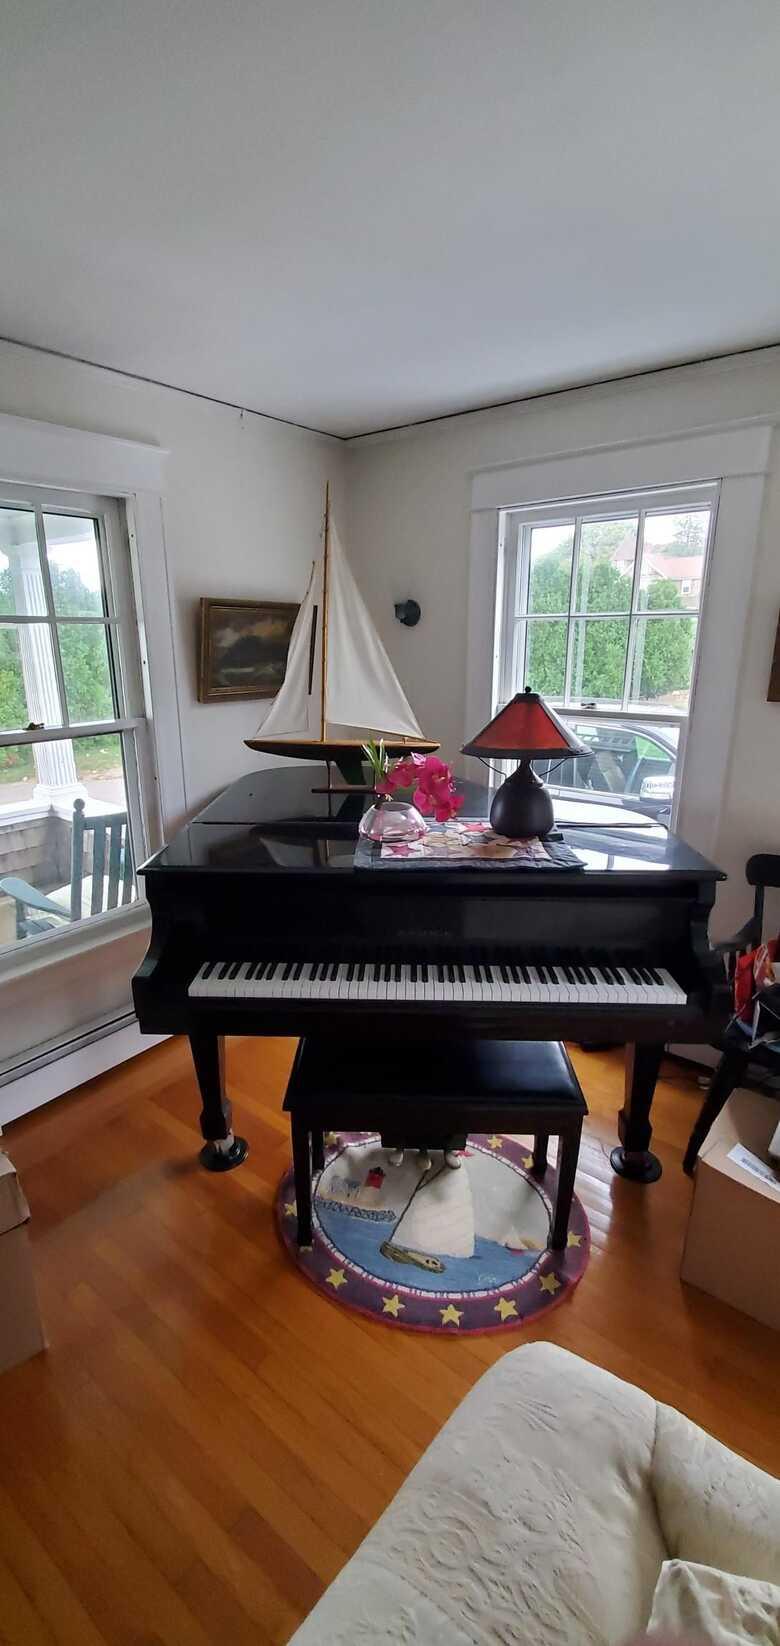 SAMICK SG-150C BABY GRAND PIANO